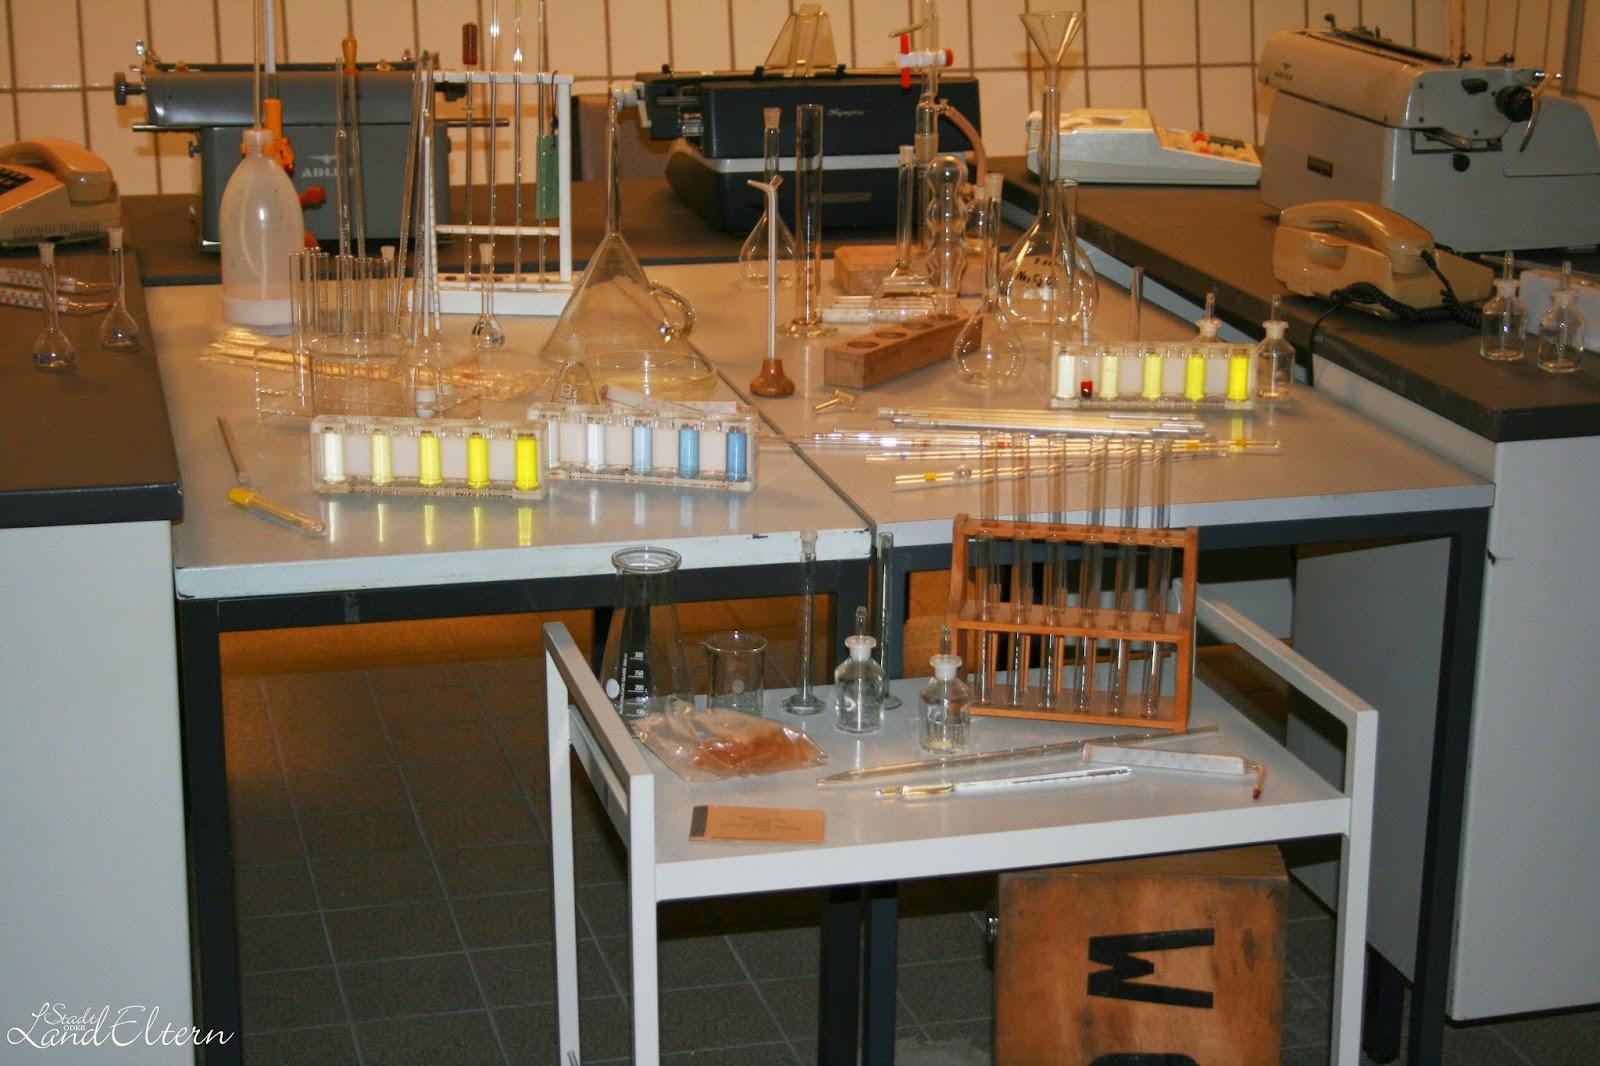 Dokumentationsstätte Regierungsstation Ahrweiler - Labor